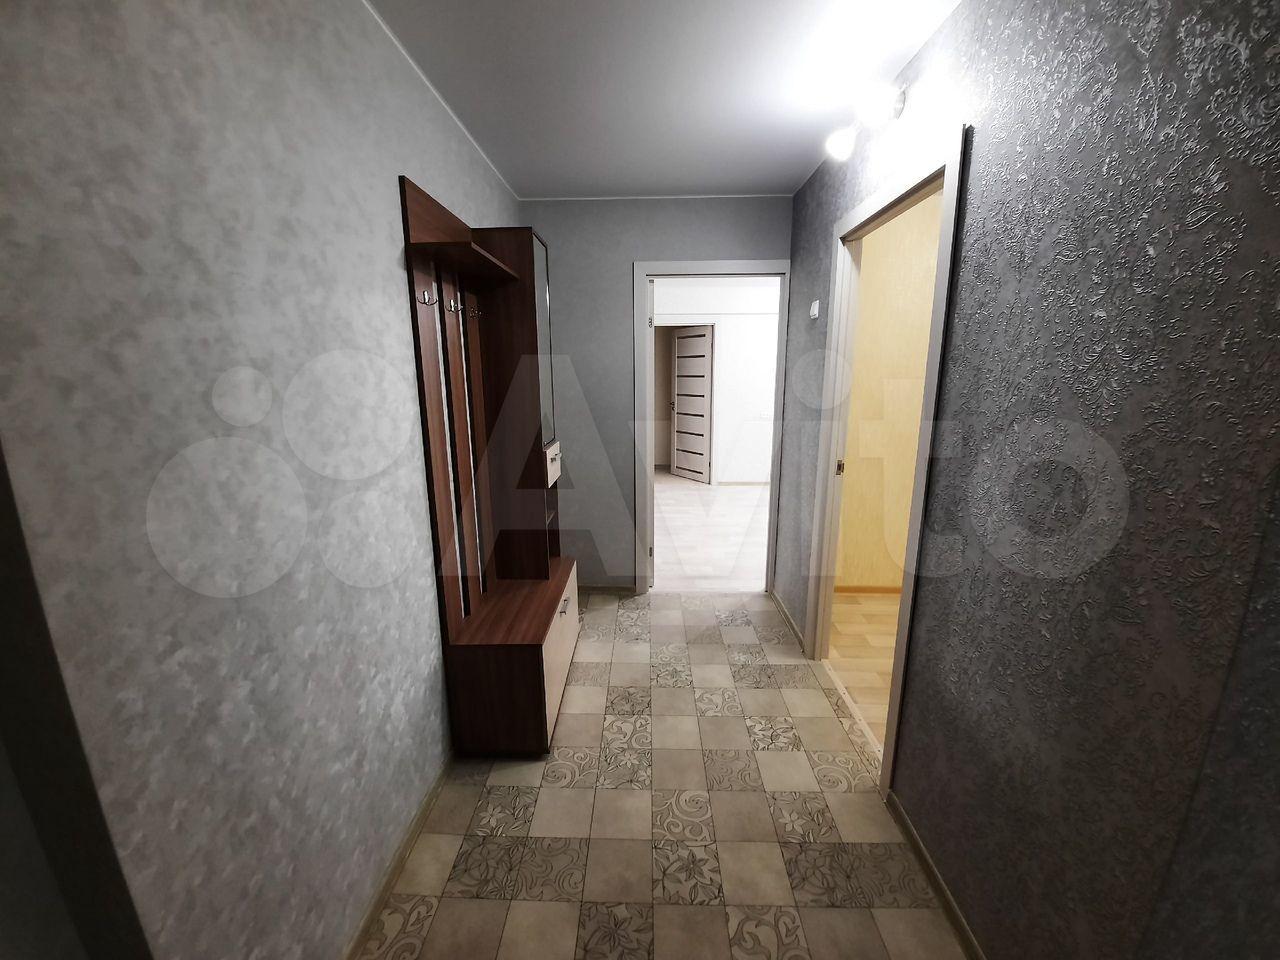 3-к квартира, 63 м², 9/9 эт.  89022863404 купить 3